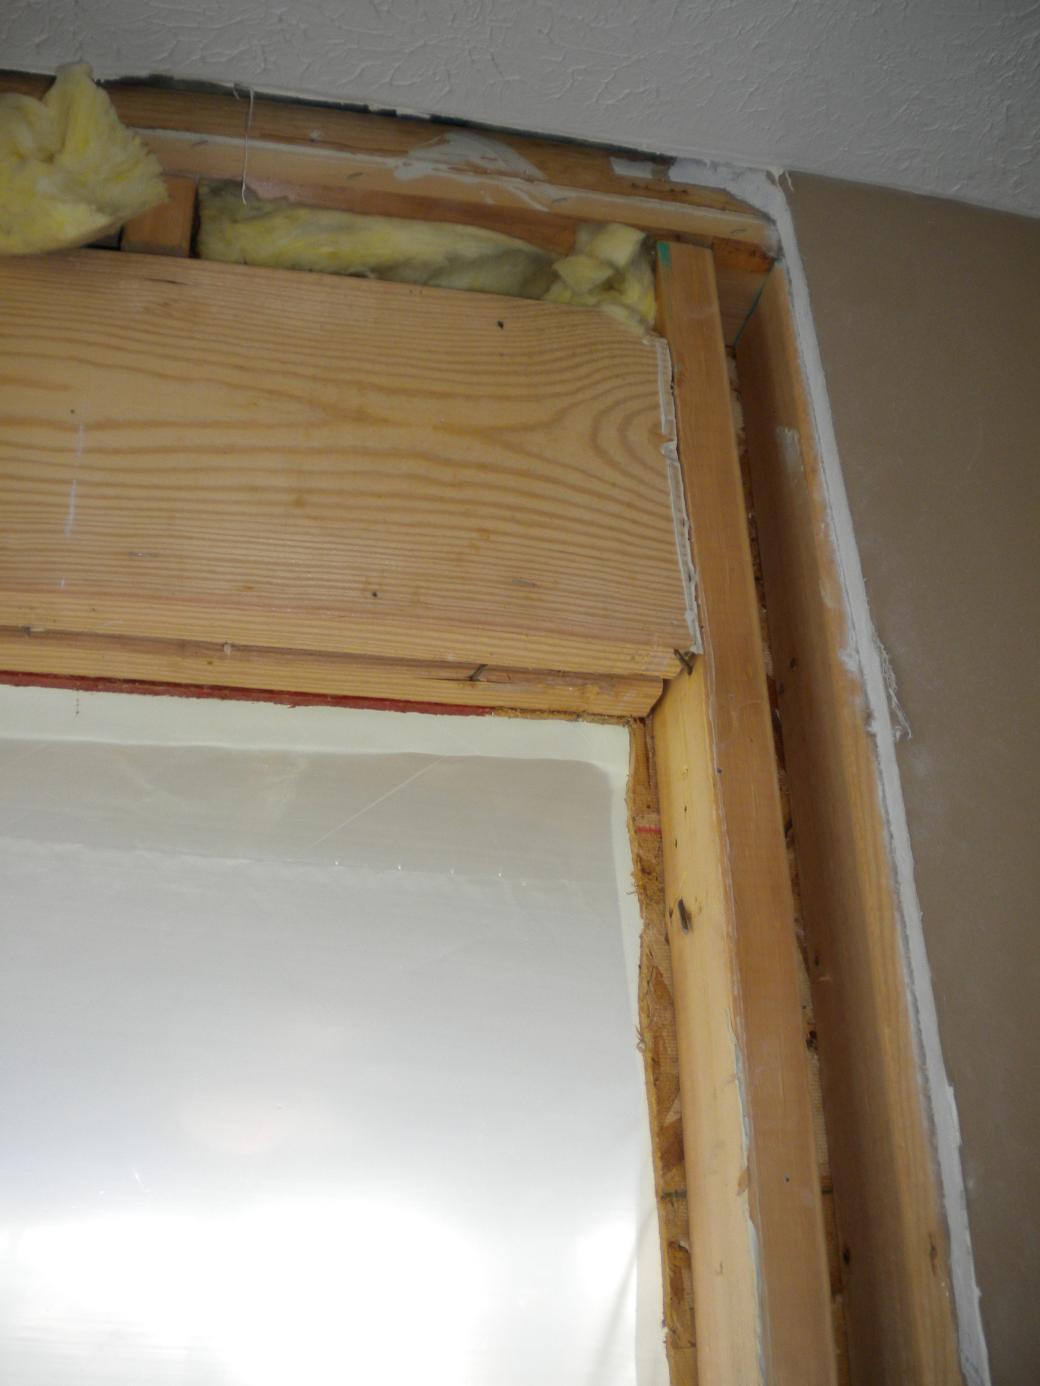 Rotten bottom plate and subfloor around exterior door-right_top.jpg